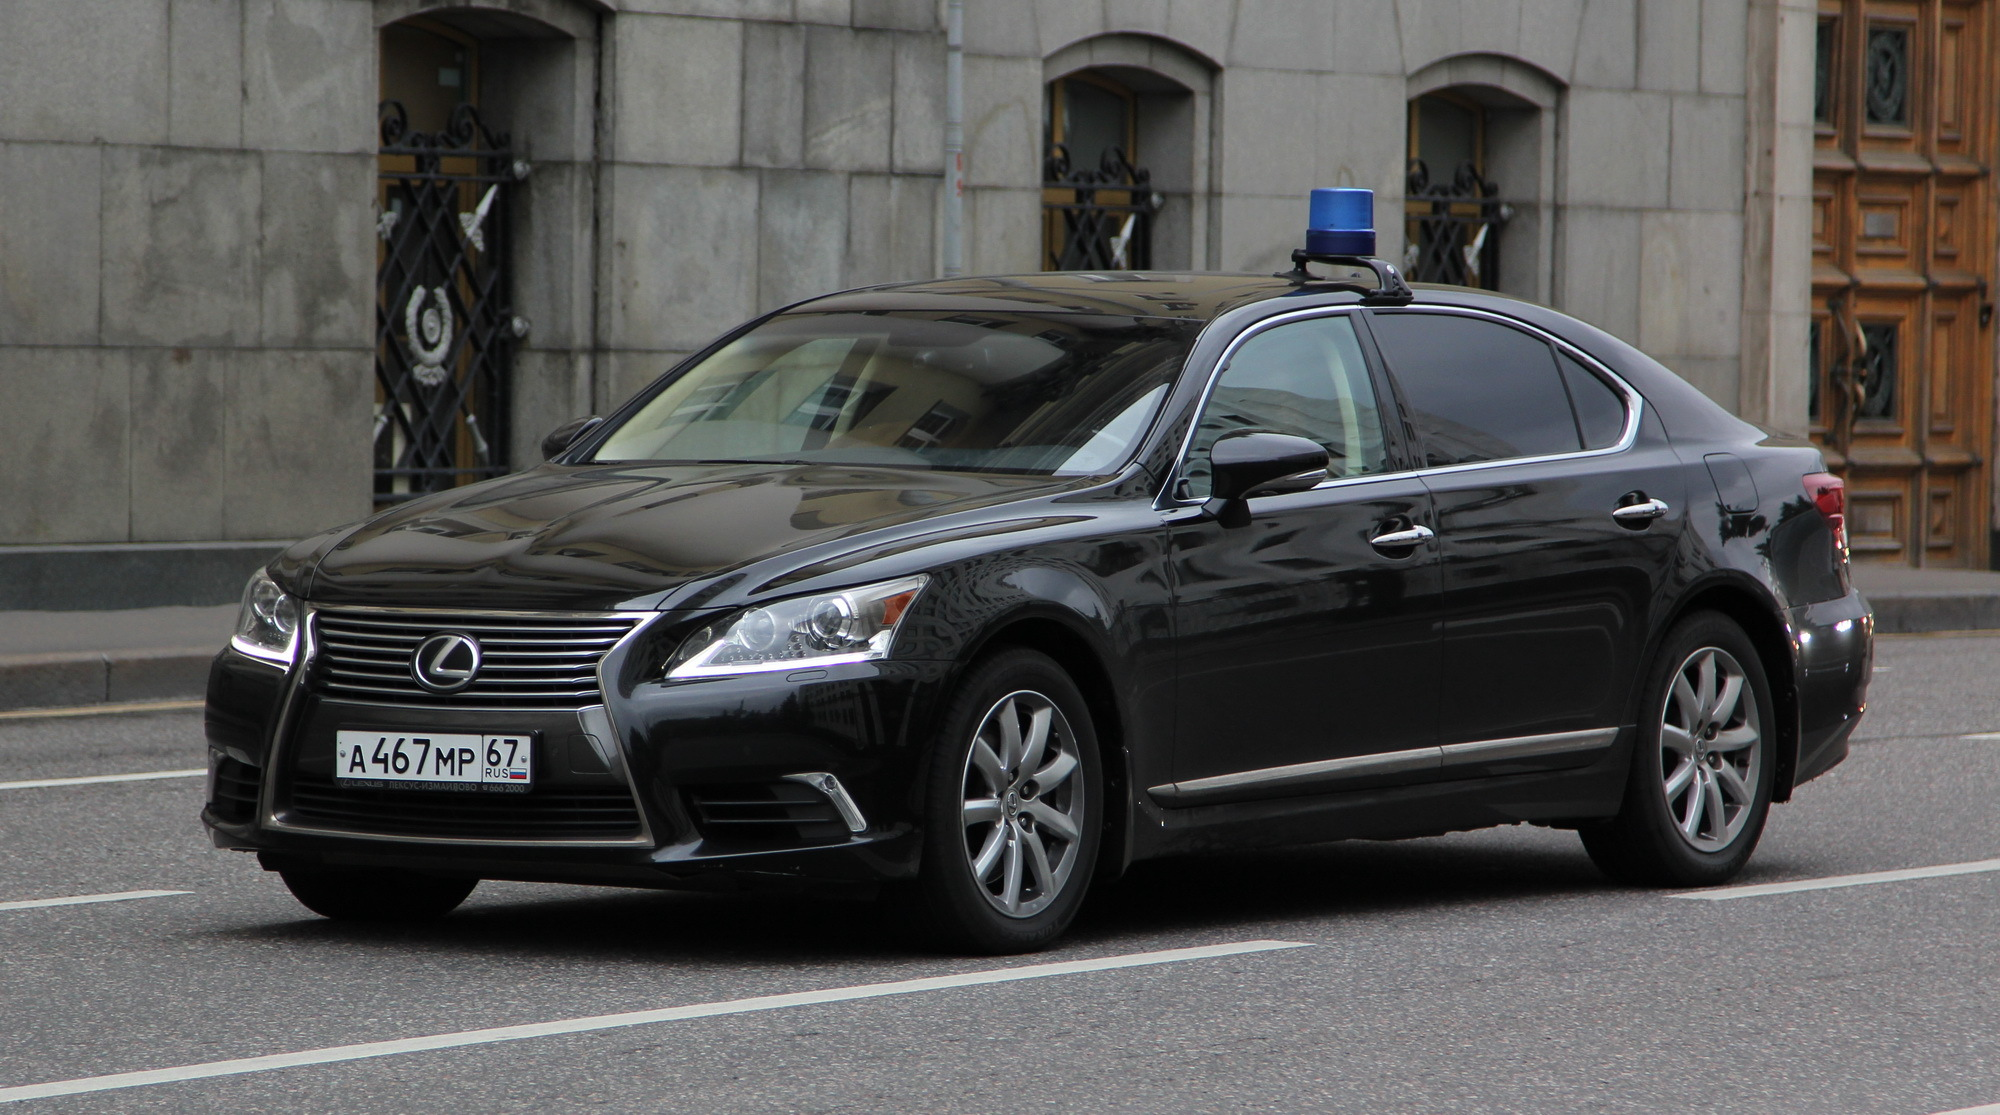 """Новый """"служебный"""" автомобиль смоленского губернатора стоит 11 млн рублей. Не поверите, но ему его тоже """"подарили"""""""